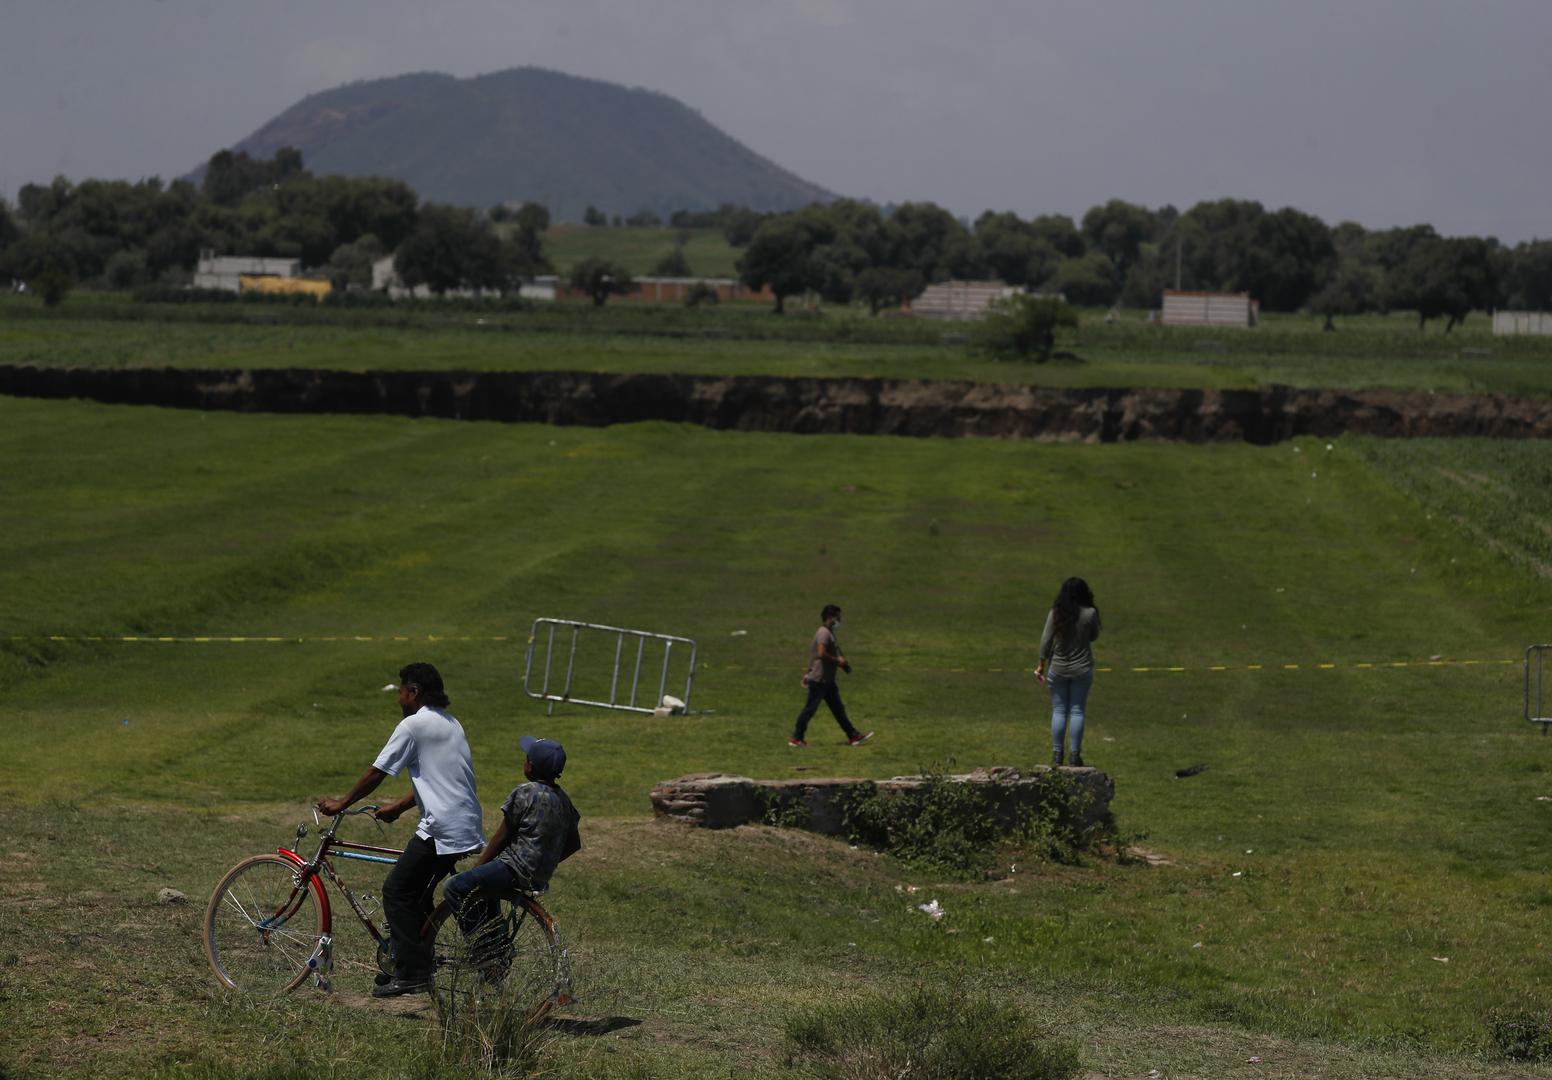 حفرة عملاقة في مزرعة بالمكسيك تتوسع وتبتلع المزيد من الأراضي (فيديو + صور)